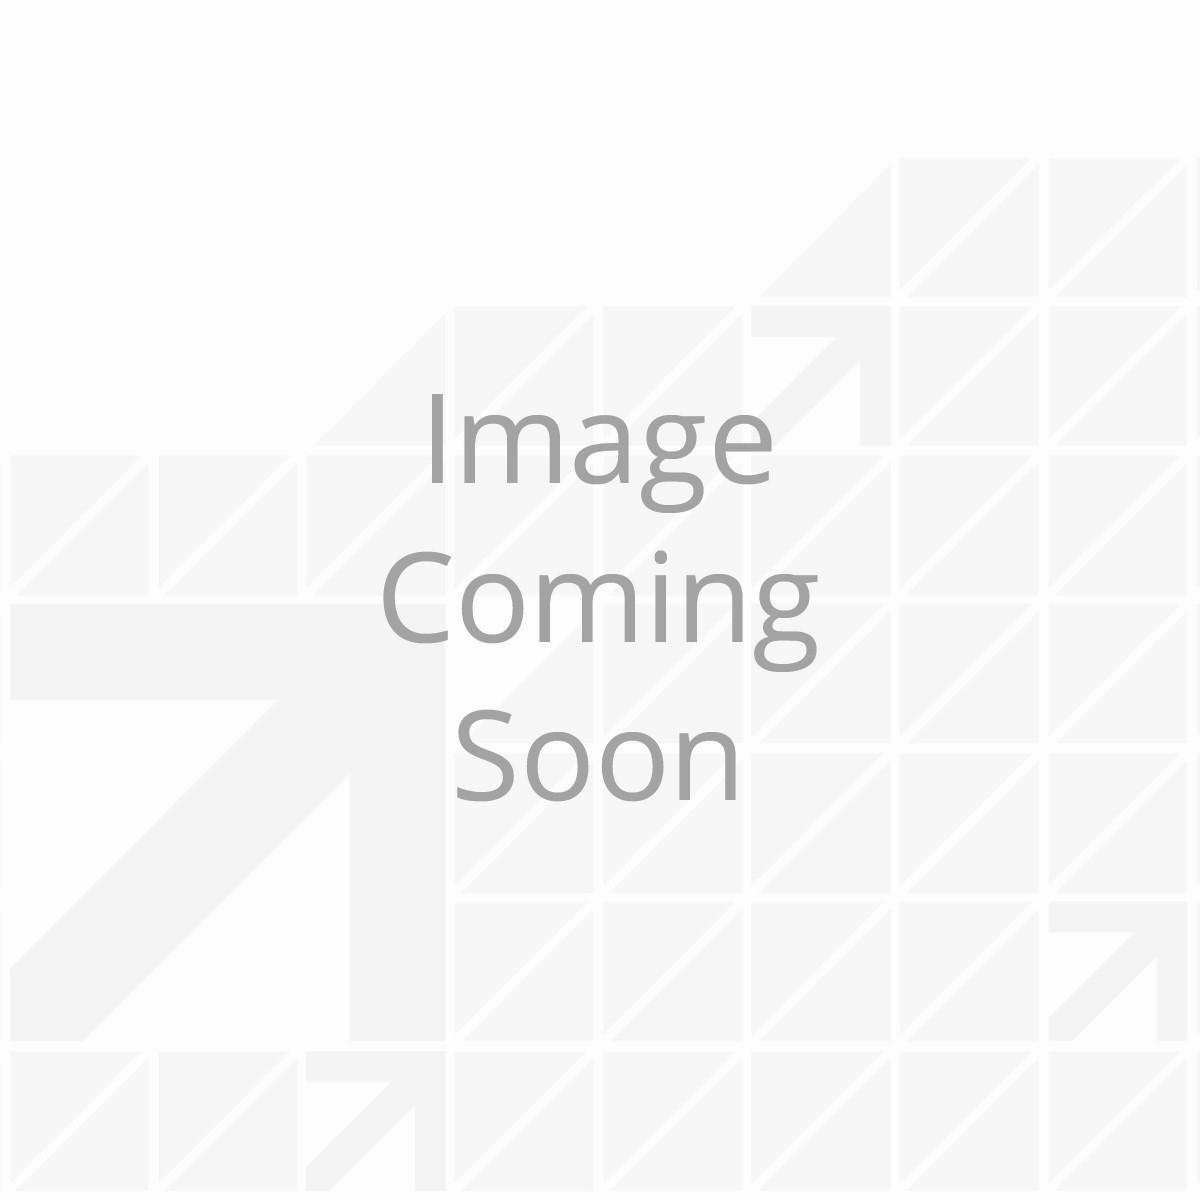 axle_122064